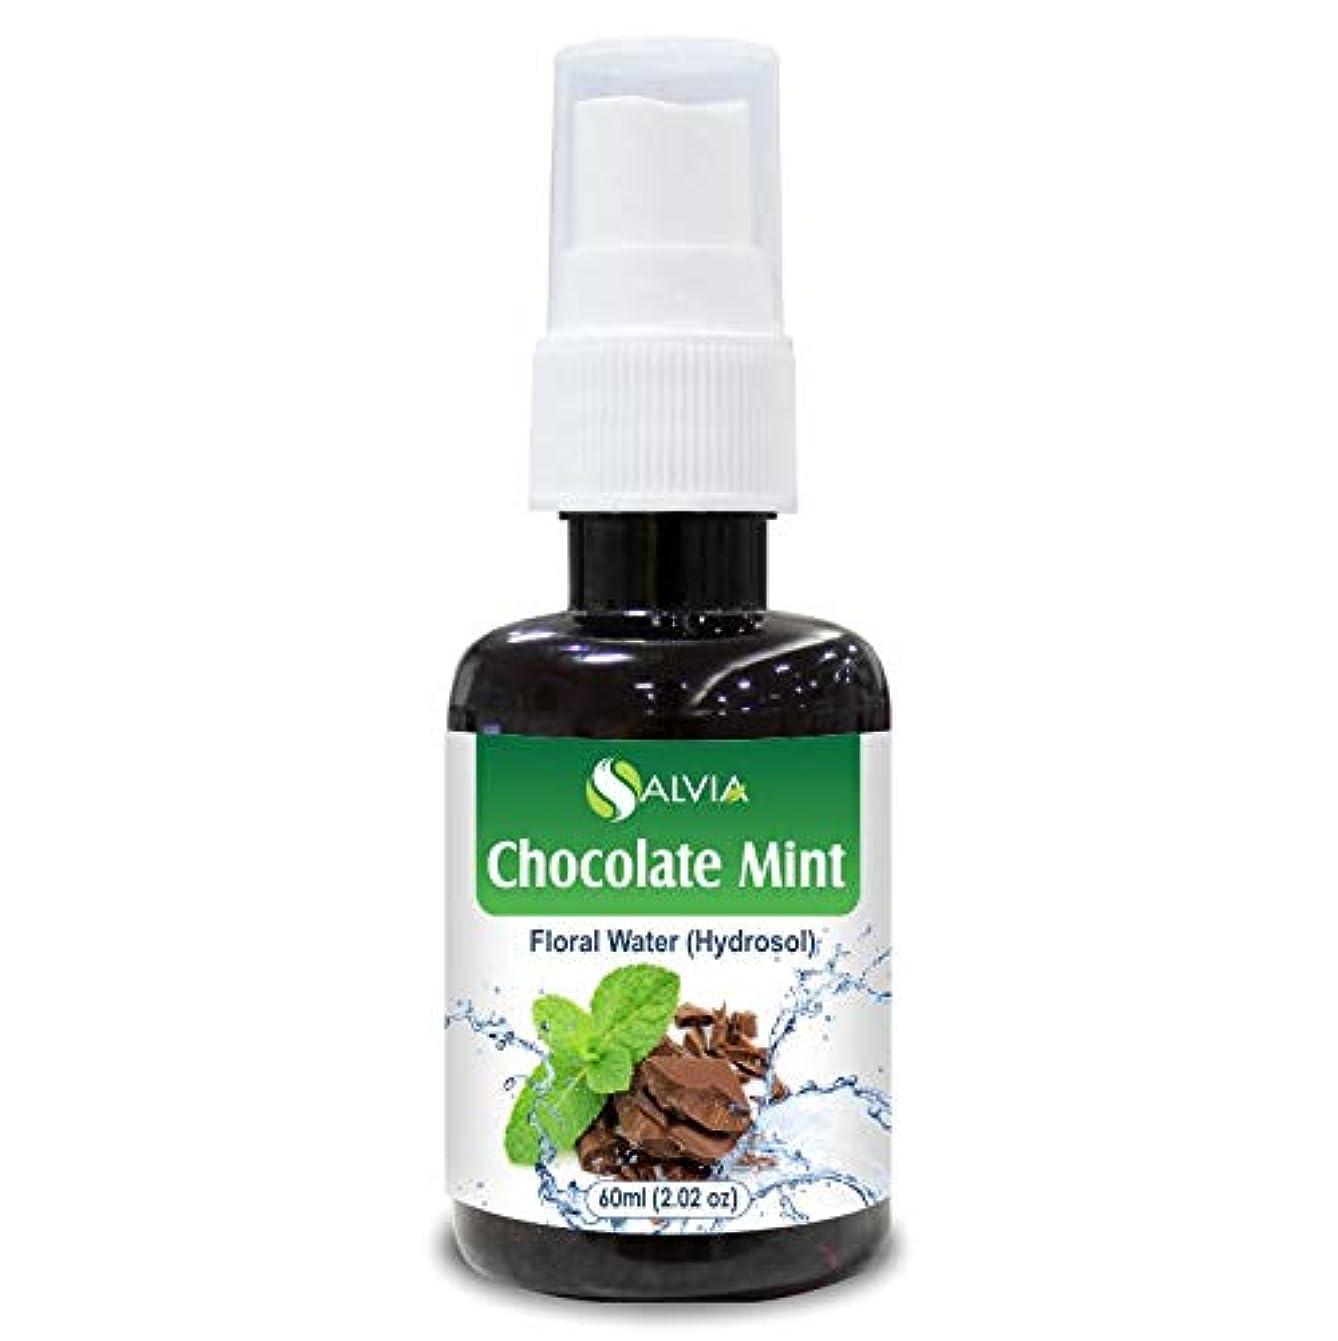 ティッシュプロフェッショナル家主Chocolate Mint Floral Water 60ml (Hydrosol) 100% Pure And Natural